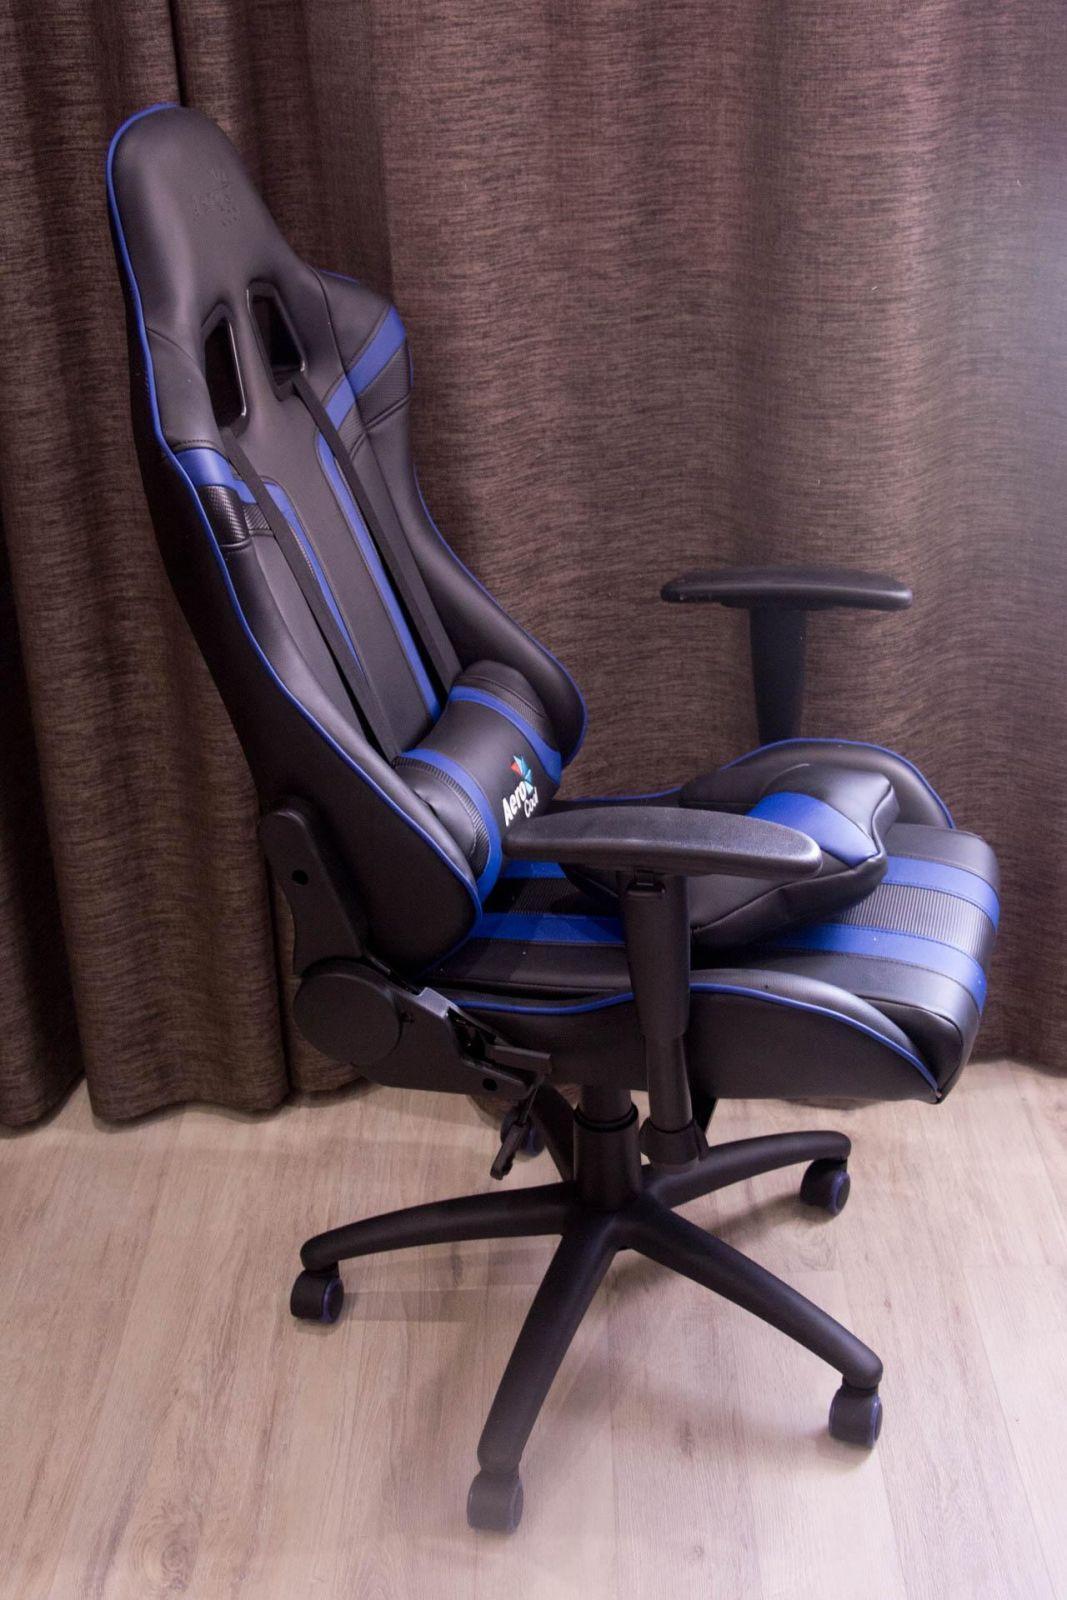 Геймерский трон. Обзор кресла AeroCool AC120 (DSC 4038)